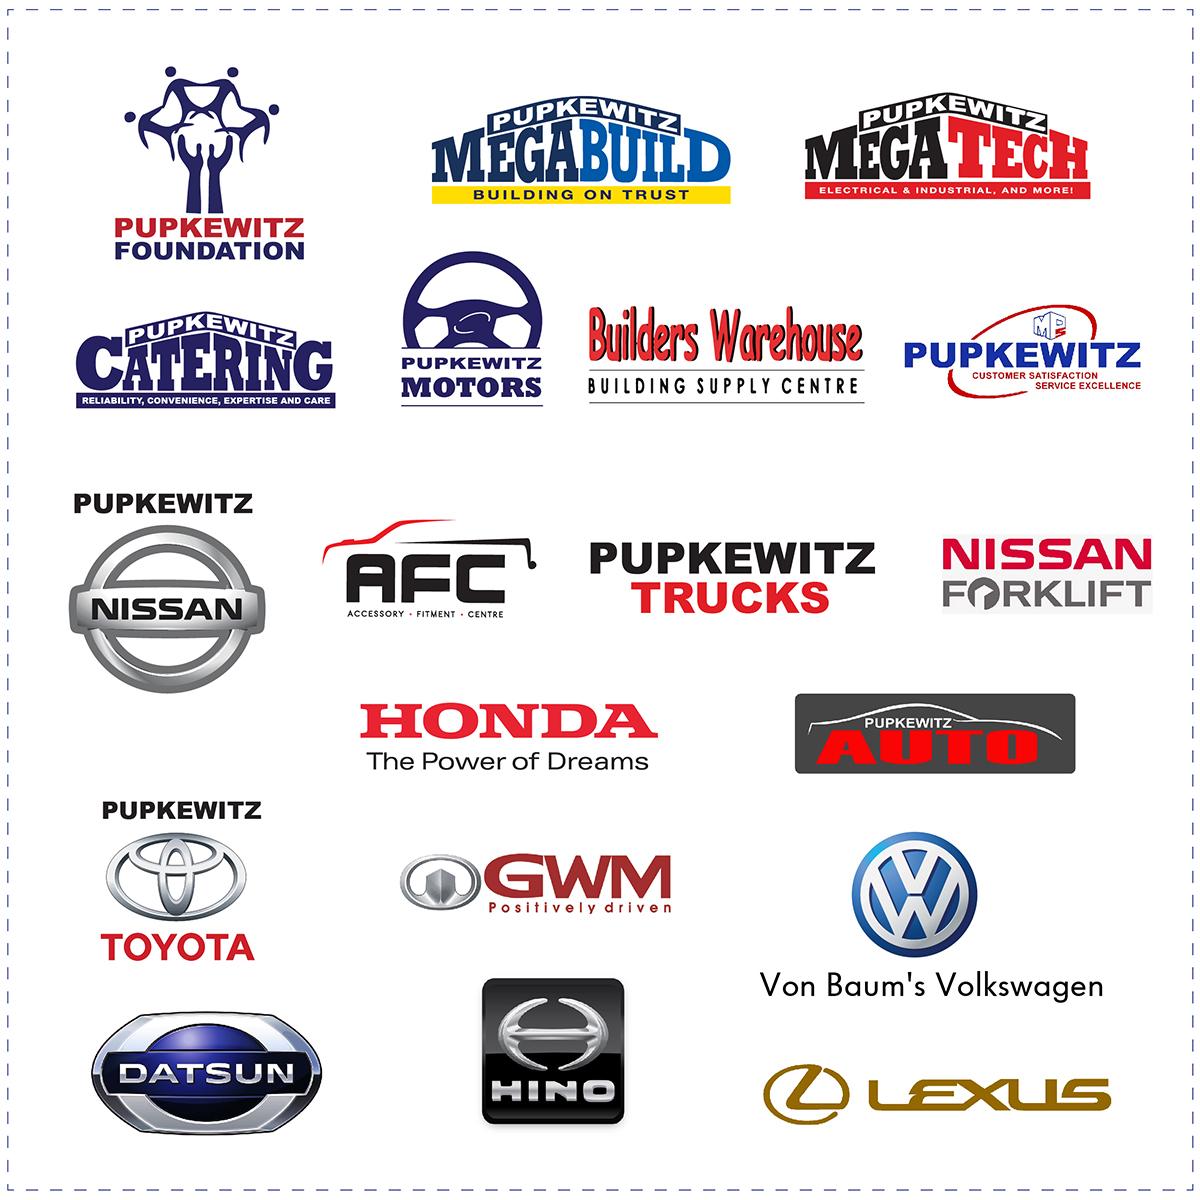 company profile - pupkewitz holdings